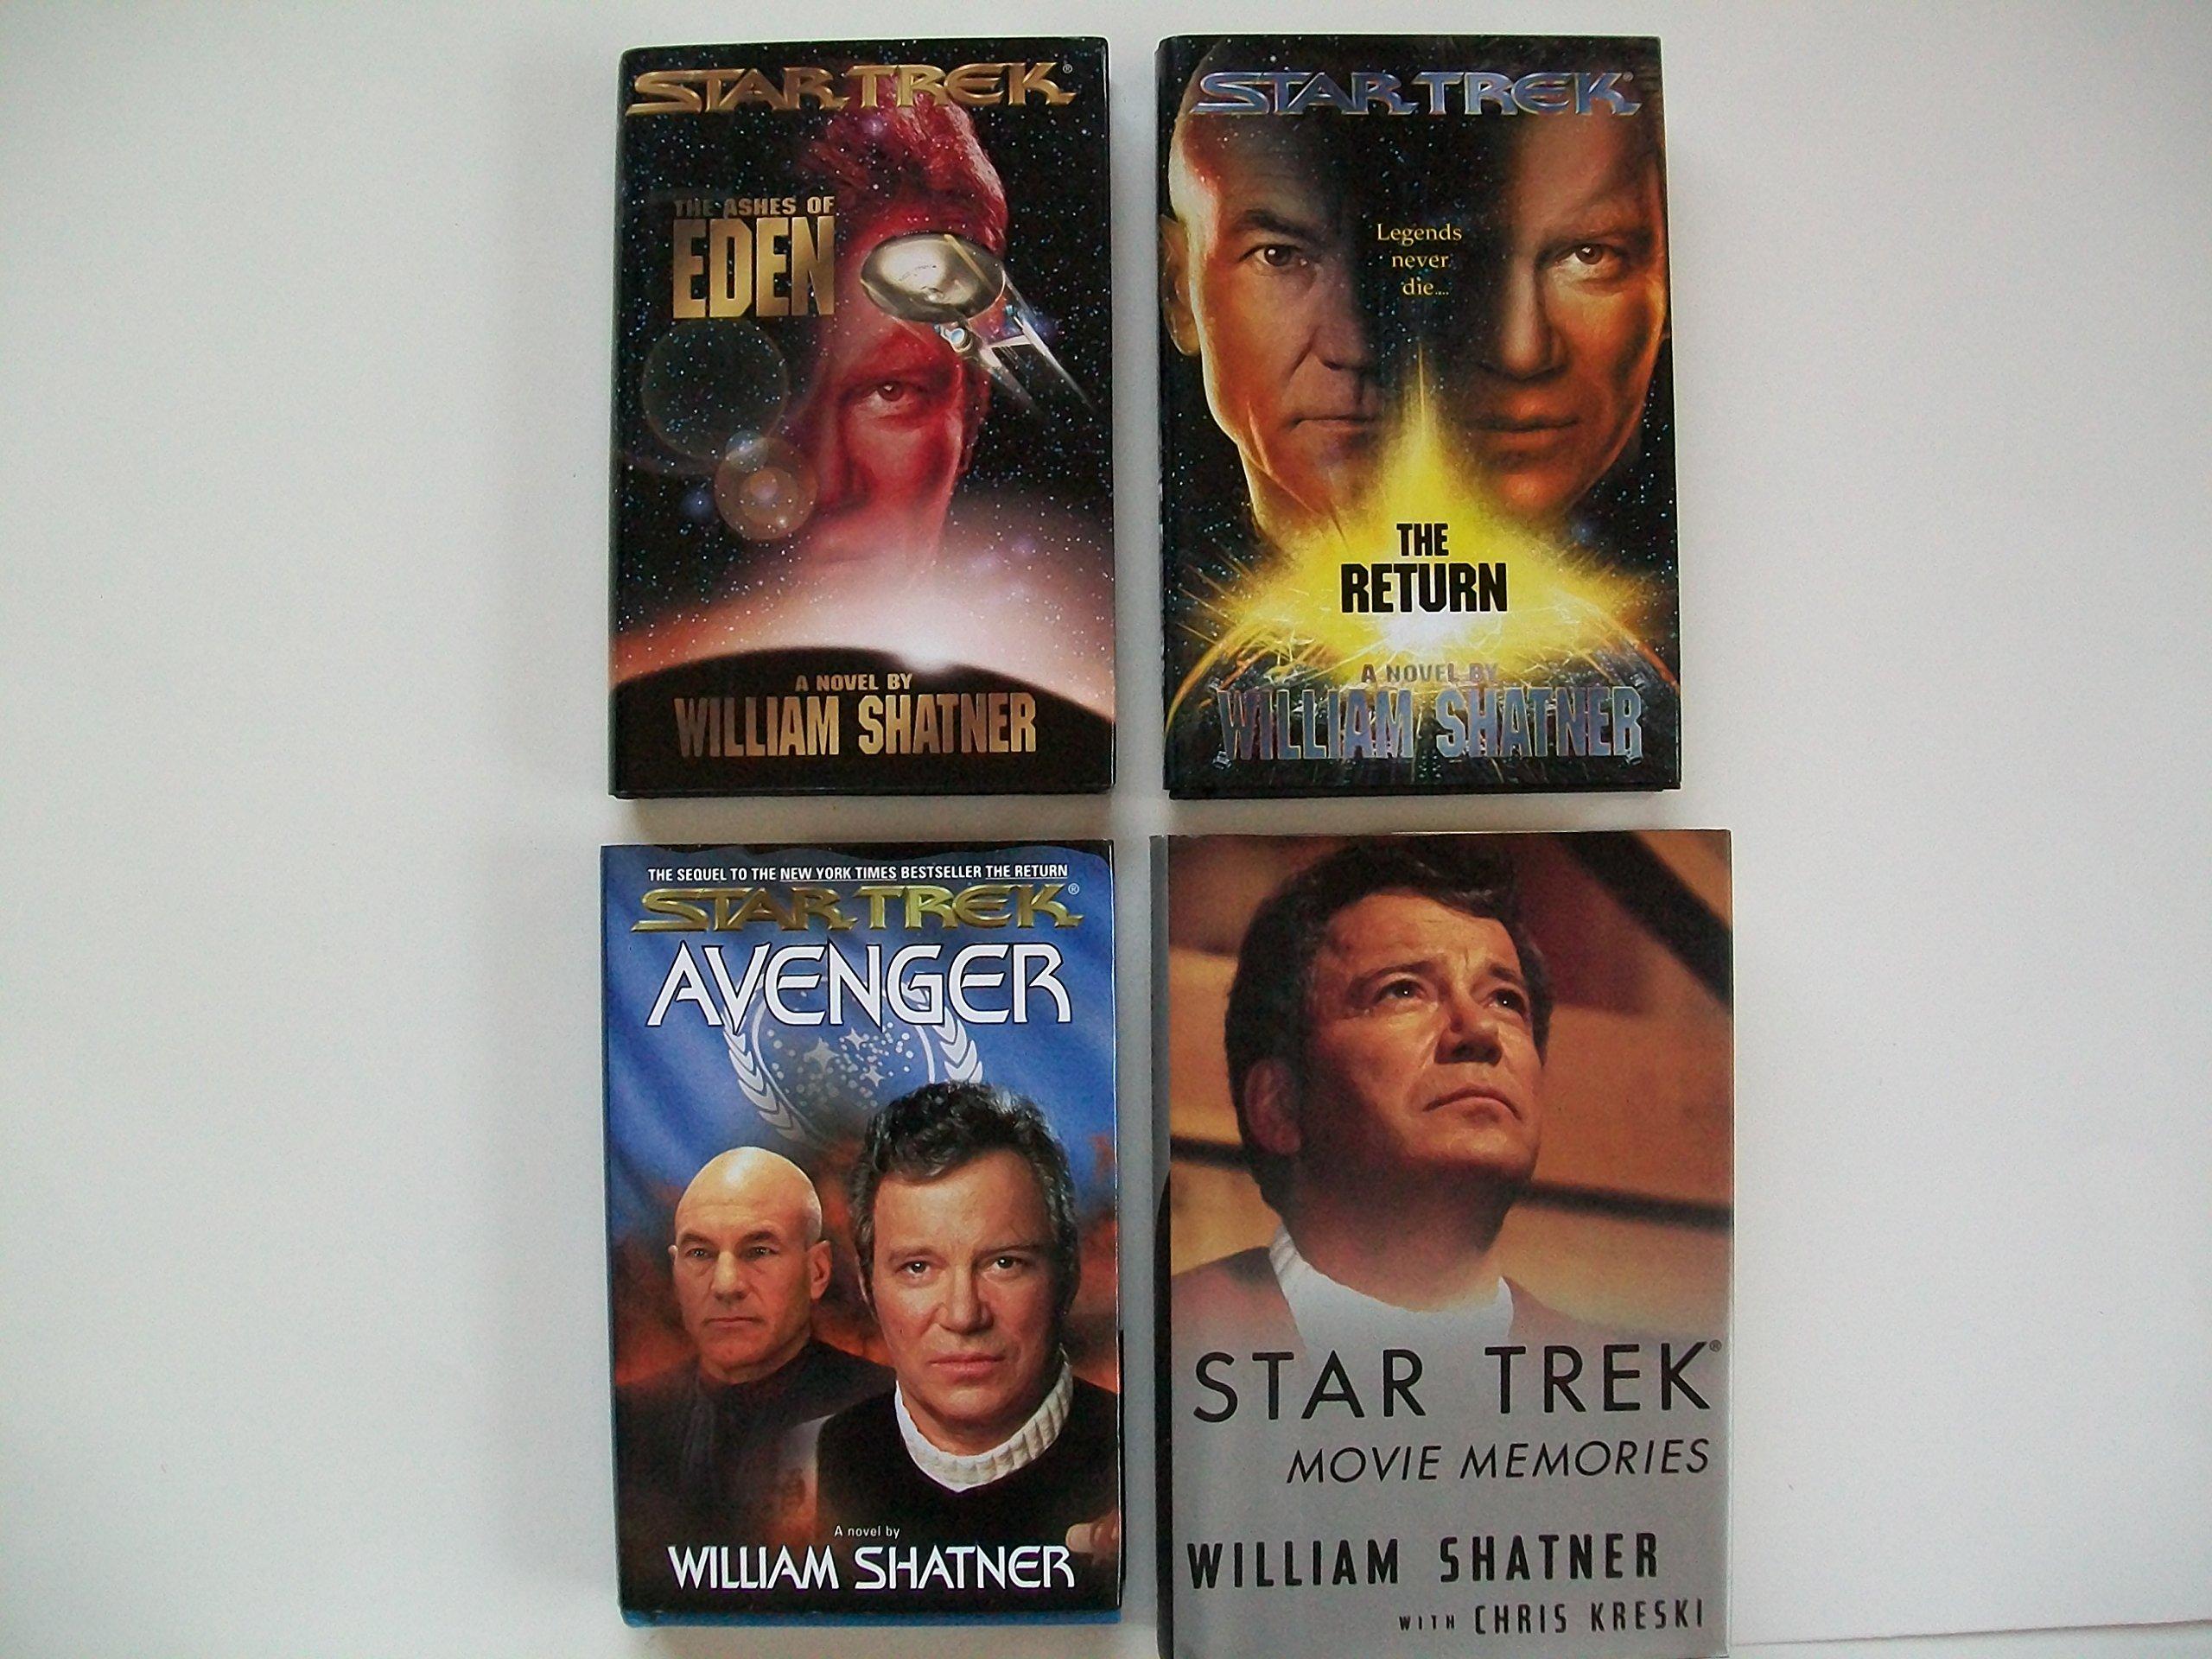 Star Trek (Set of 4) The Ashes of Eden; The Return; Avenger; Star Trek  Movie Memories: Willaim Shatner: Amazon.com: Books